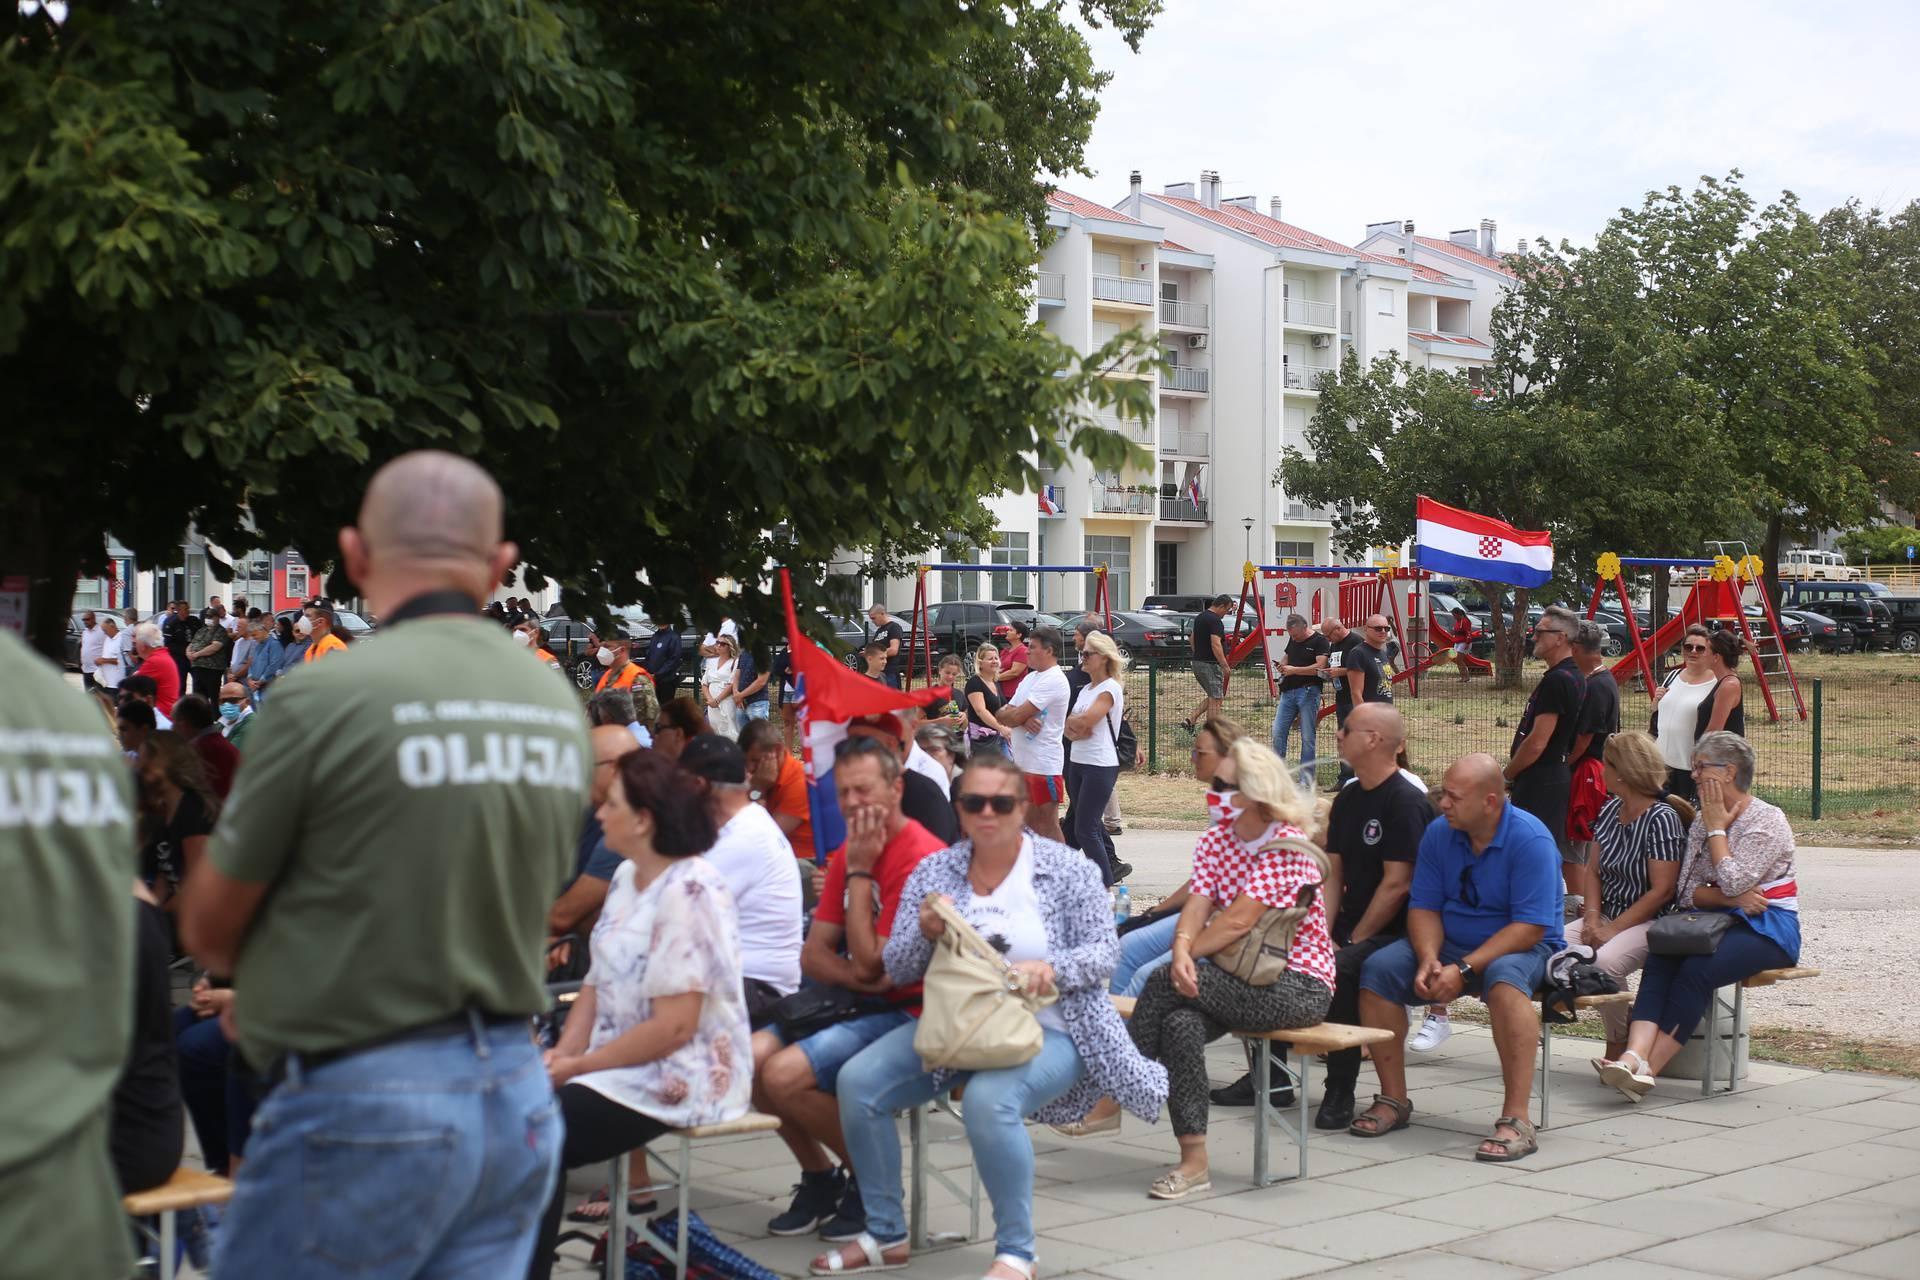 Na Pantovčaku 'lakat', u Kninu rukovanje: Pogledajte tko je sve došao na proslavu Oluje